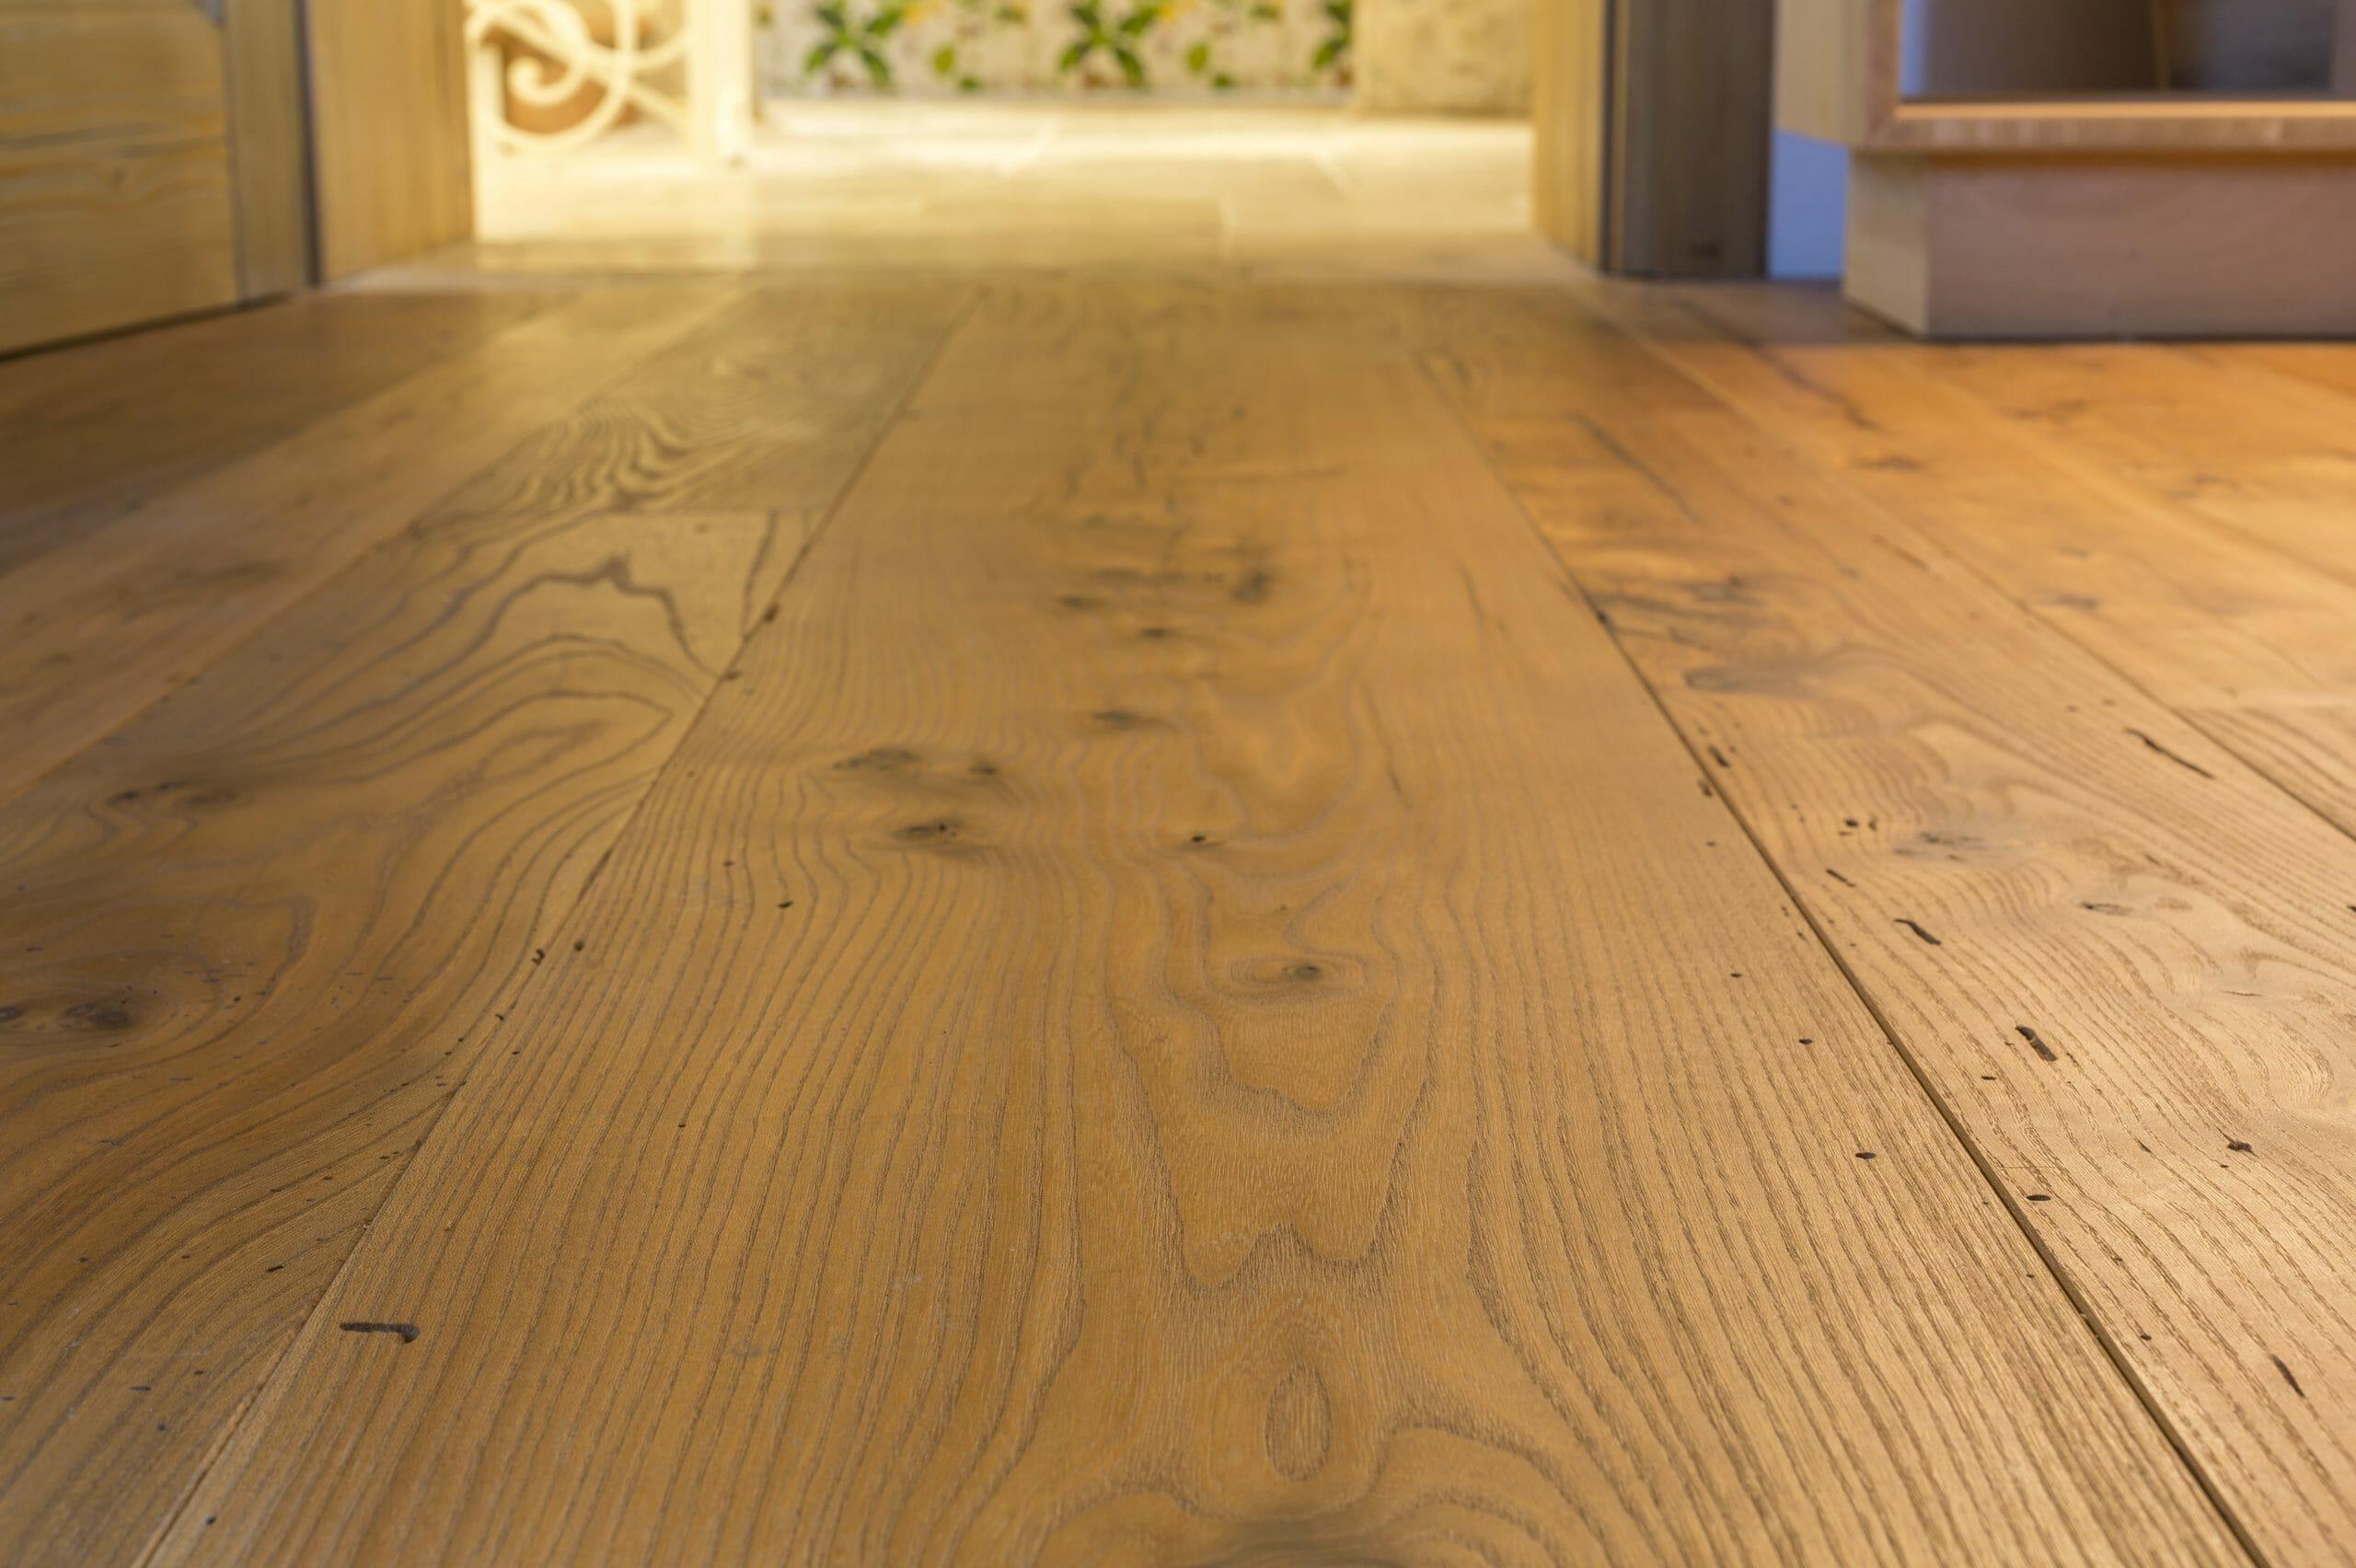 Posa in cassero irregolare di un pavimento in olmo antico scaled - News, il fascino del legno antico di recupero